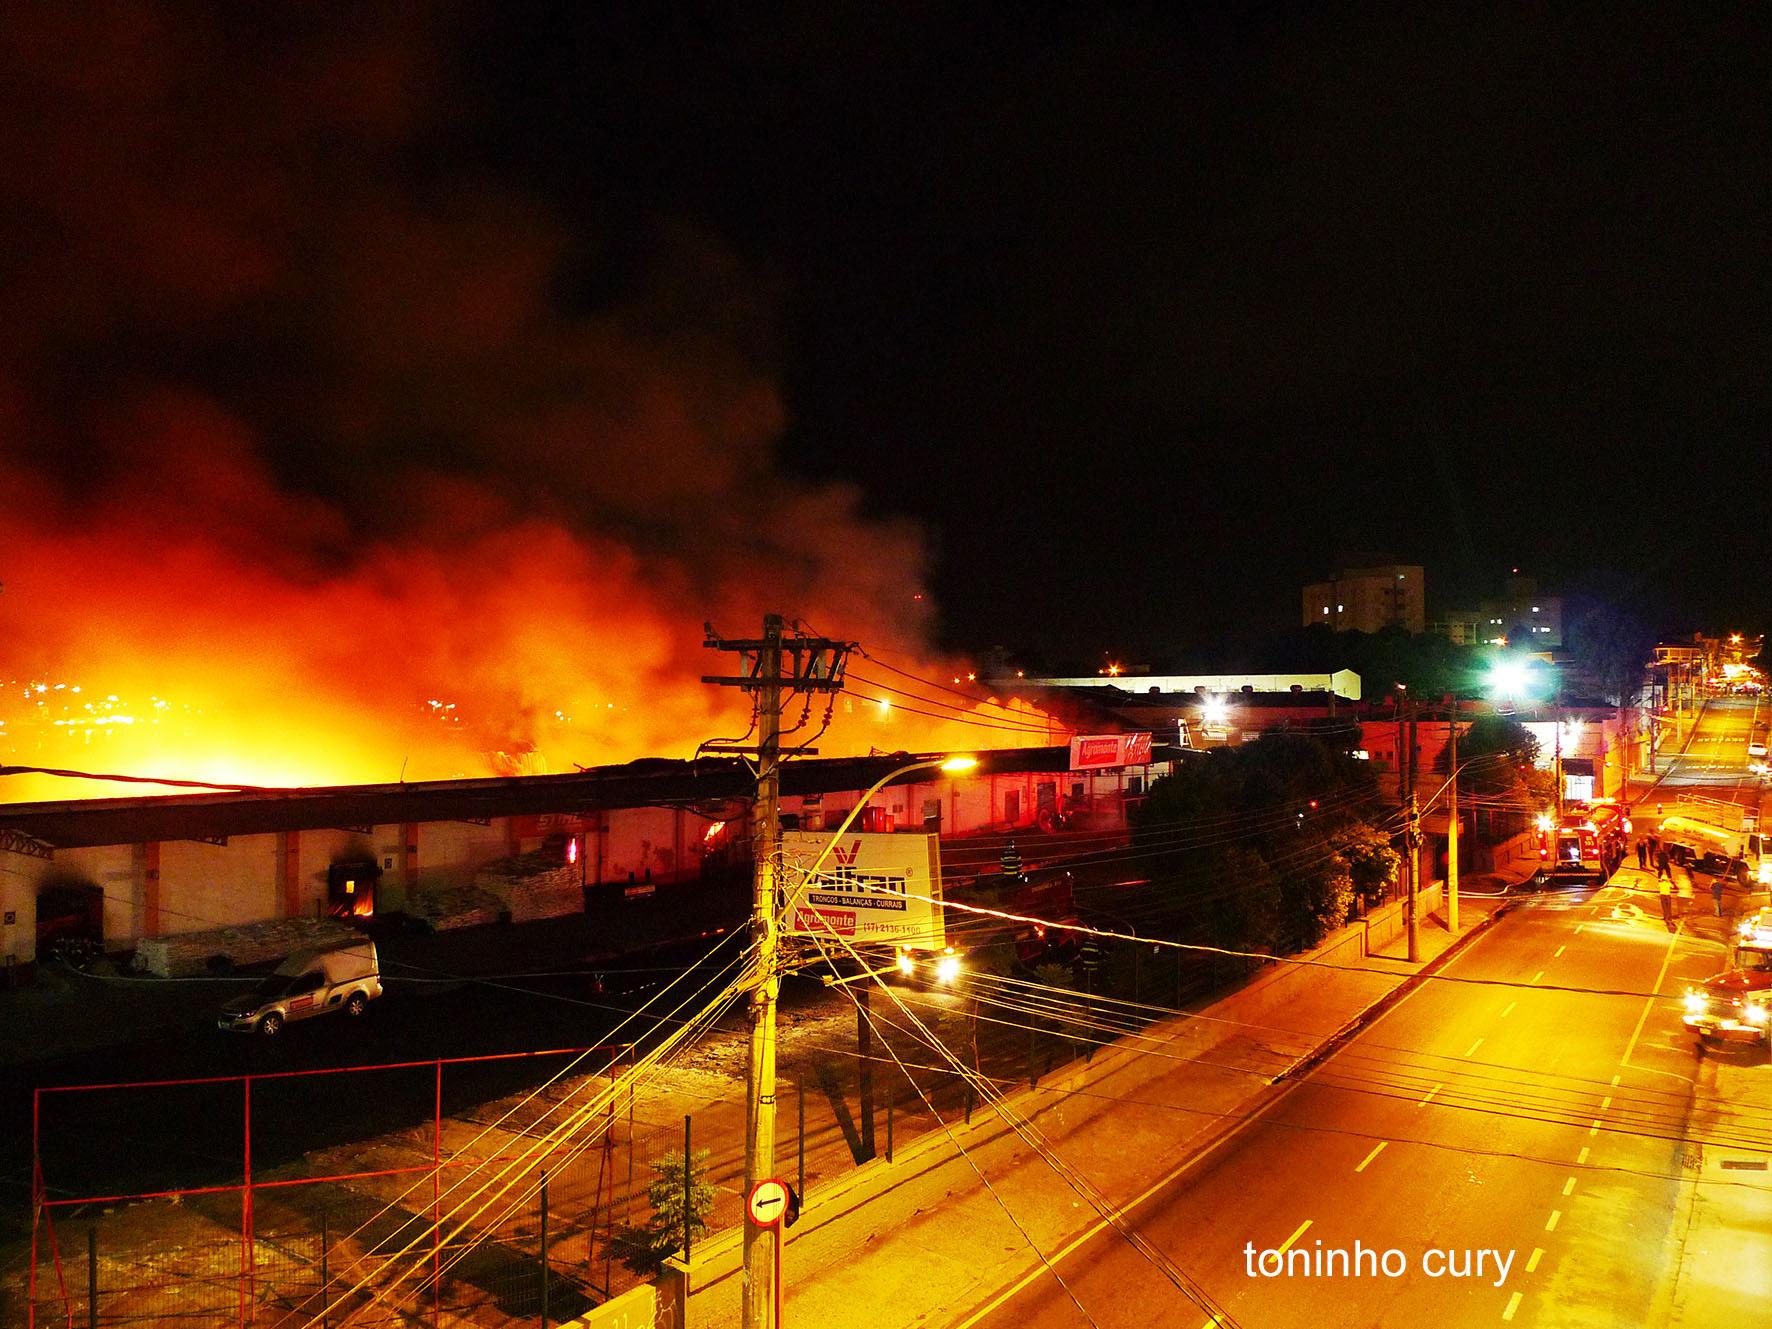 Agromonte e a história material da ferrovia em chamas